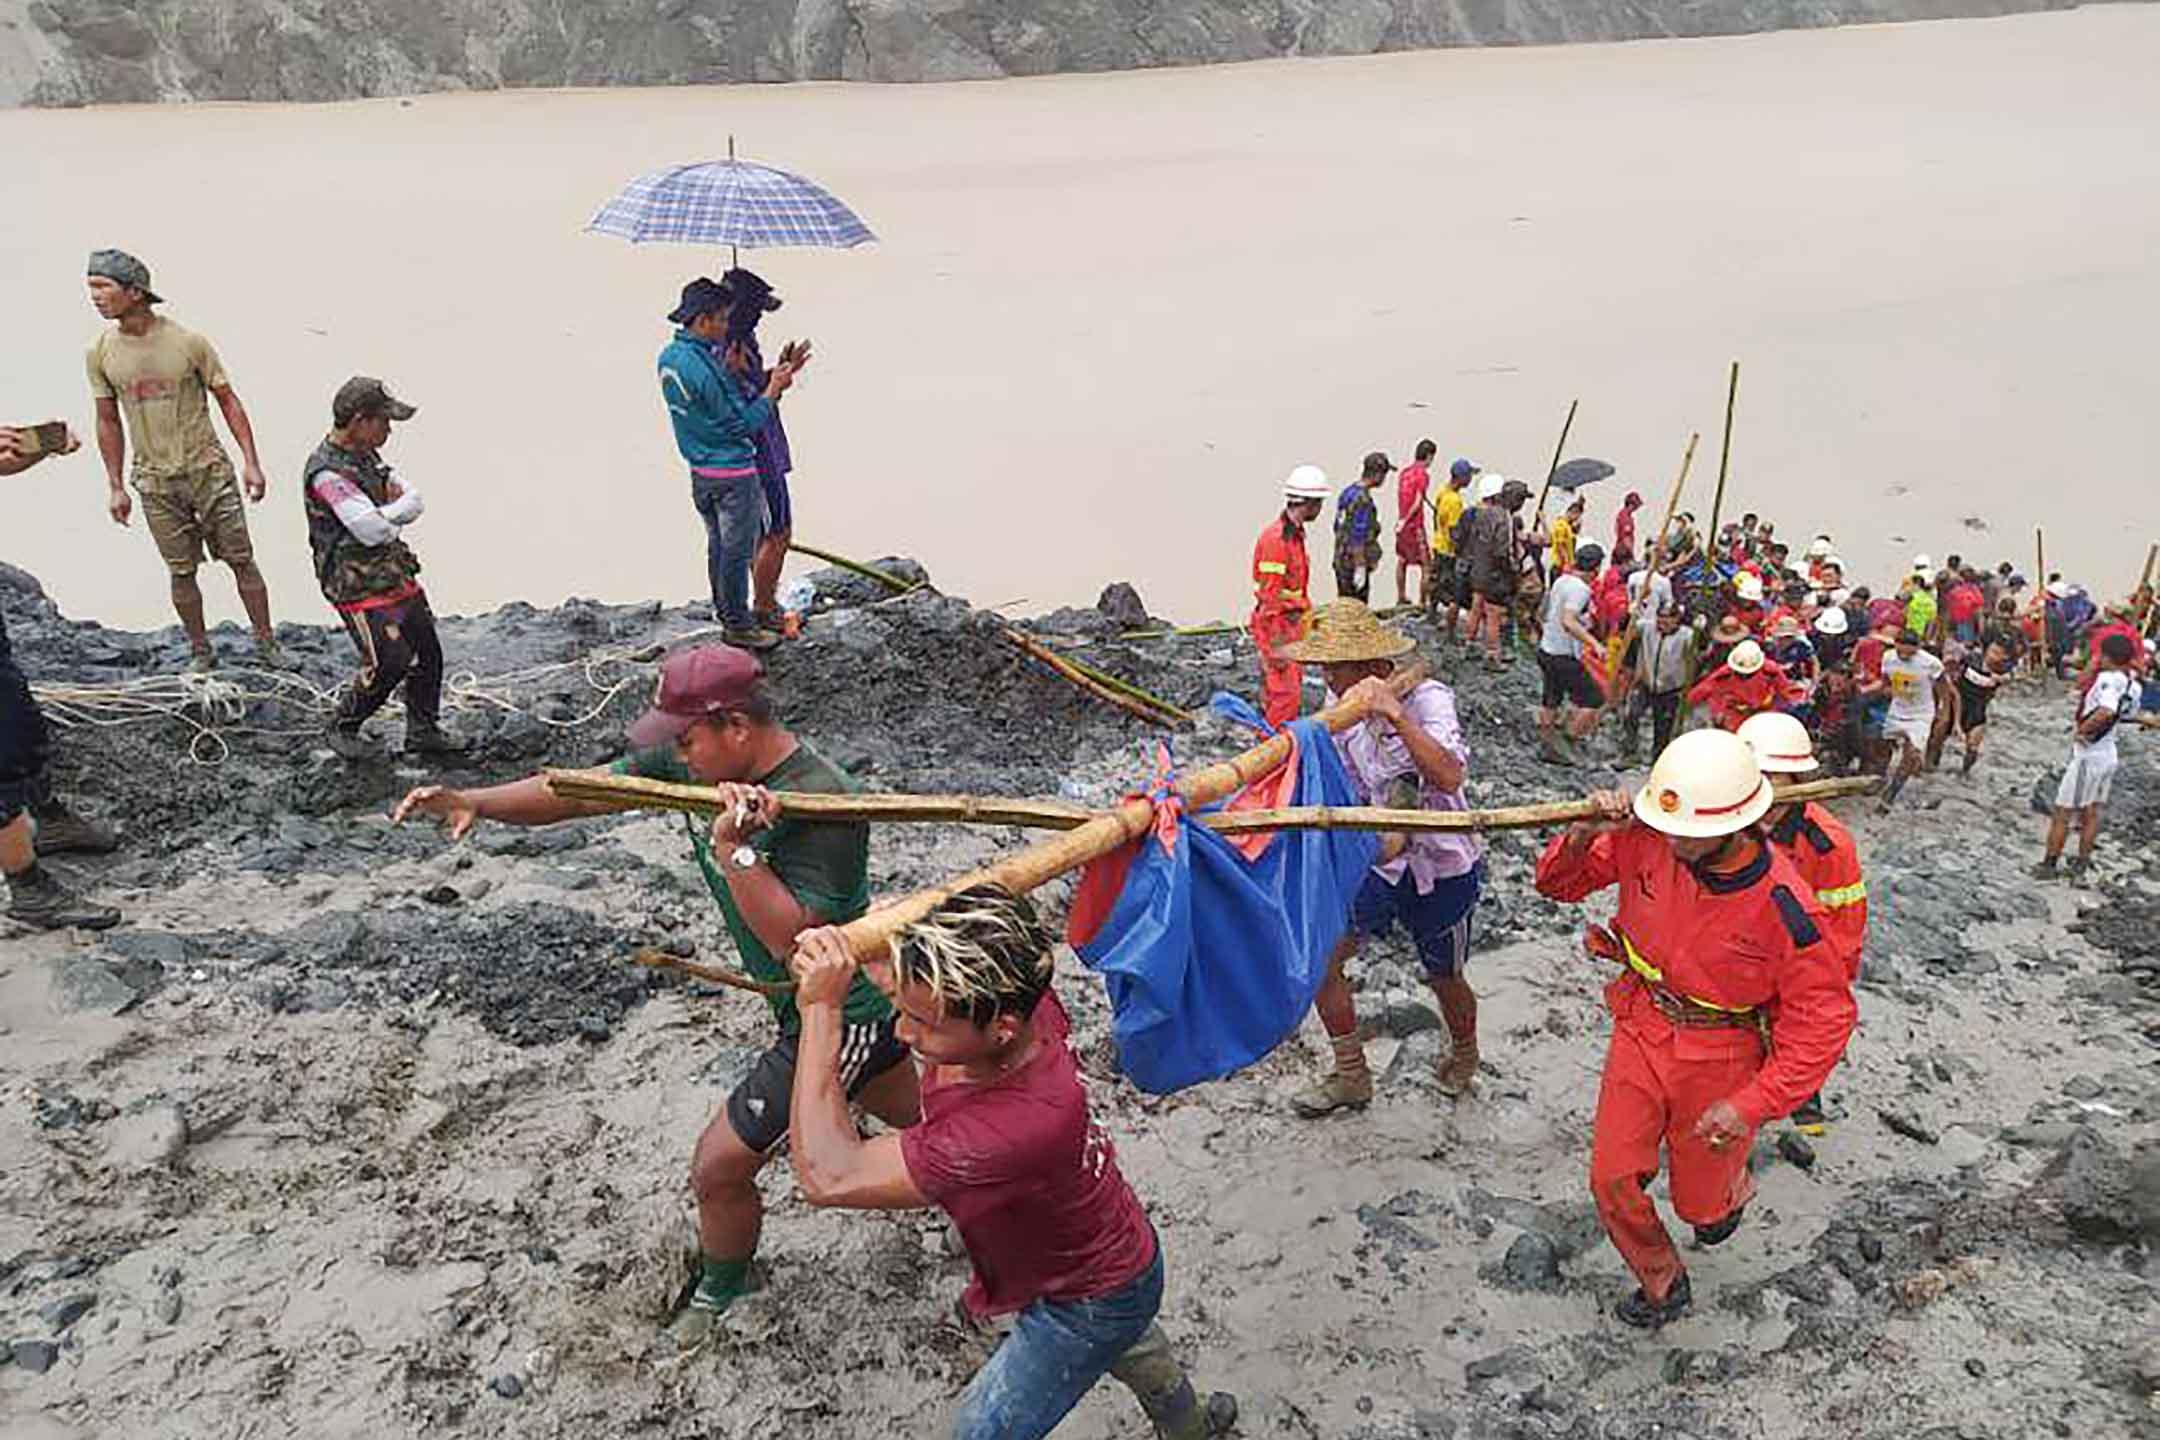 2020年7月2日緬甸,救援人員在緬甸北部克欽邦帕敢地區的一個玉礦場帶回一名遇難者的屍體。